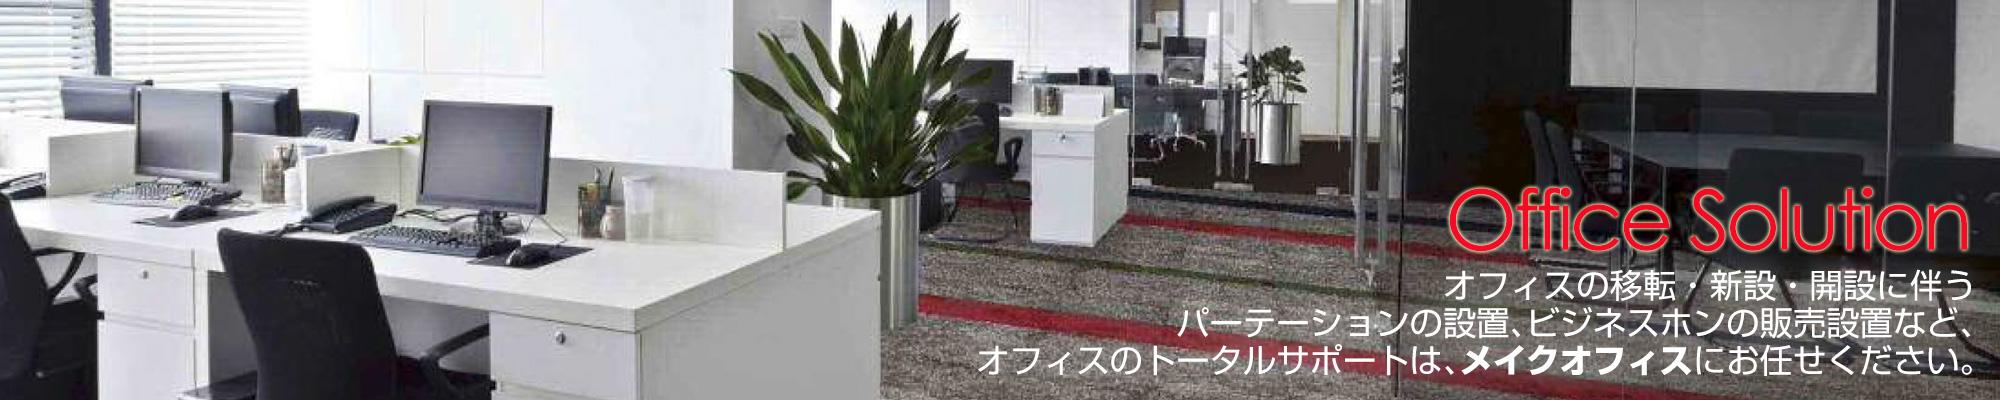 オフィスレイアウト | 株式会社メイクオフィス|パーテーション・ビジネスホン・オフィス移転 神奈川県横浜市